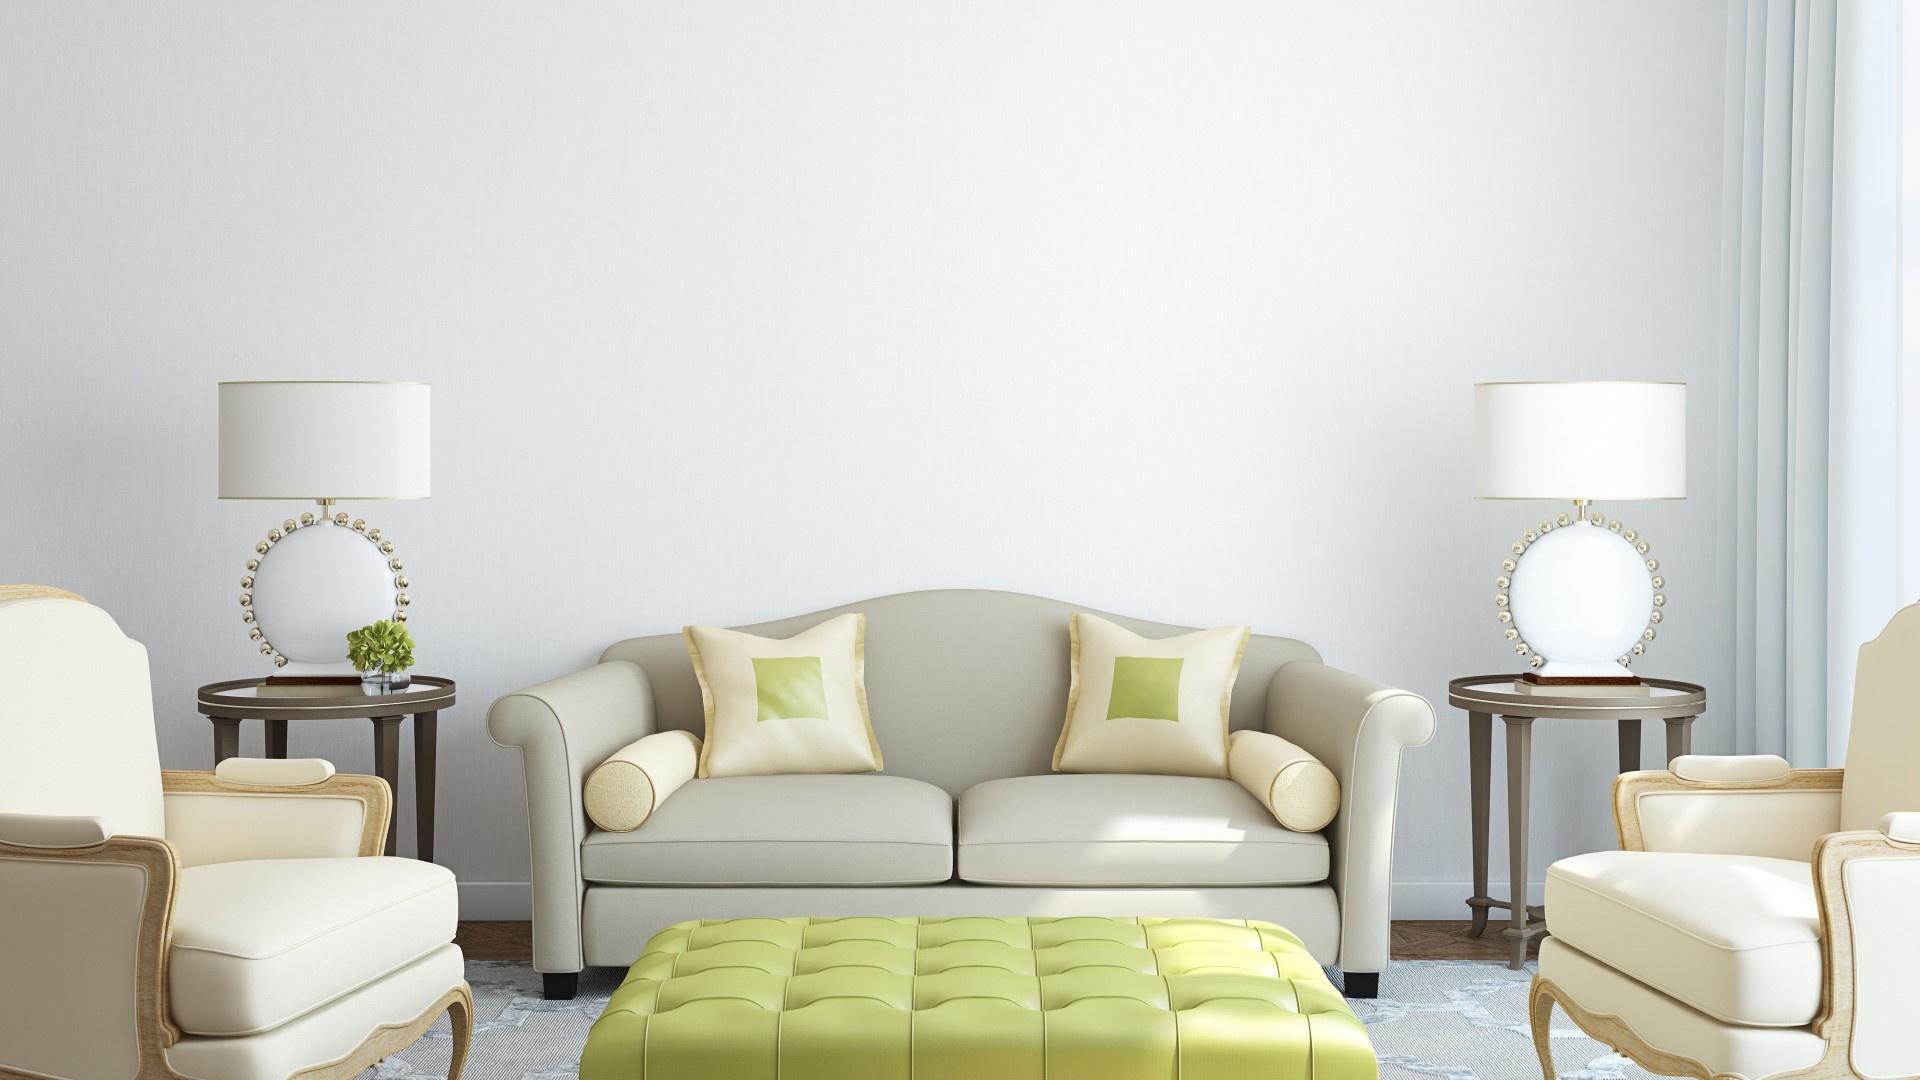 blue living room sofa villa italy